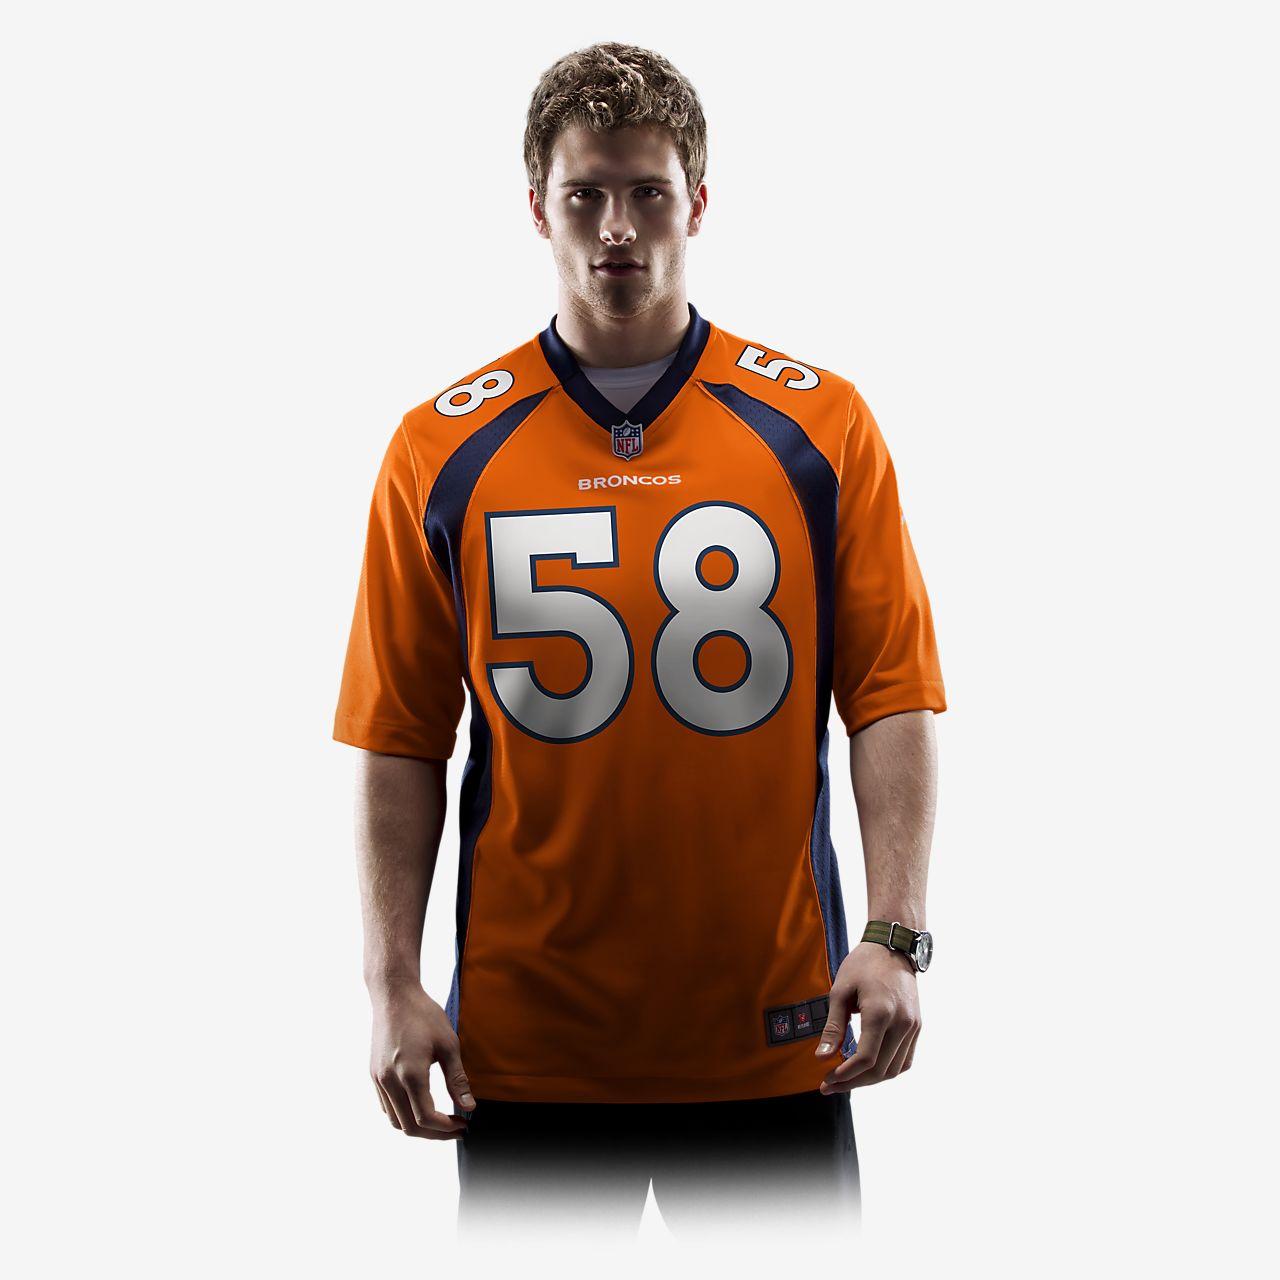 866383a83 NFL Denver Broncos (Von Miller) Men s Football Home Game Jersey ...